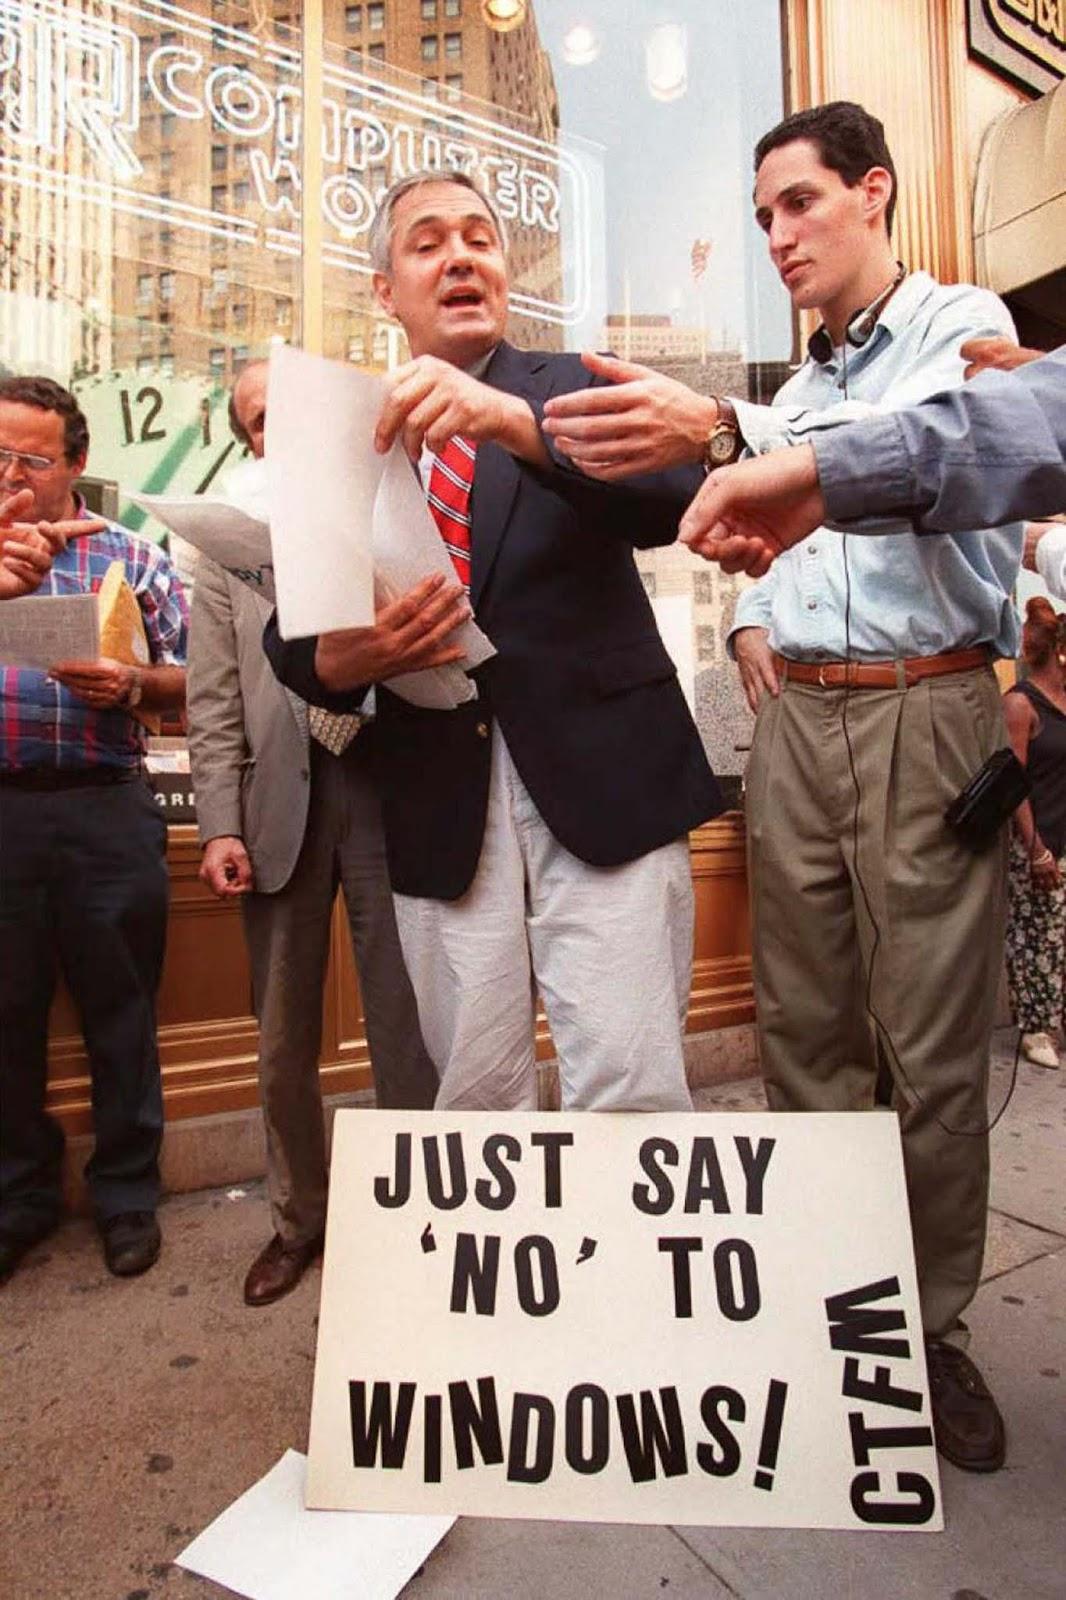 <p>Кампания срещу Windows 95 в Манхатън, твърдяща, че операционната система няма ъпдейти и има много скрити разходи по нея.</p>